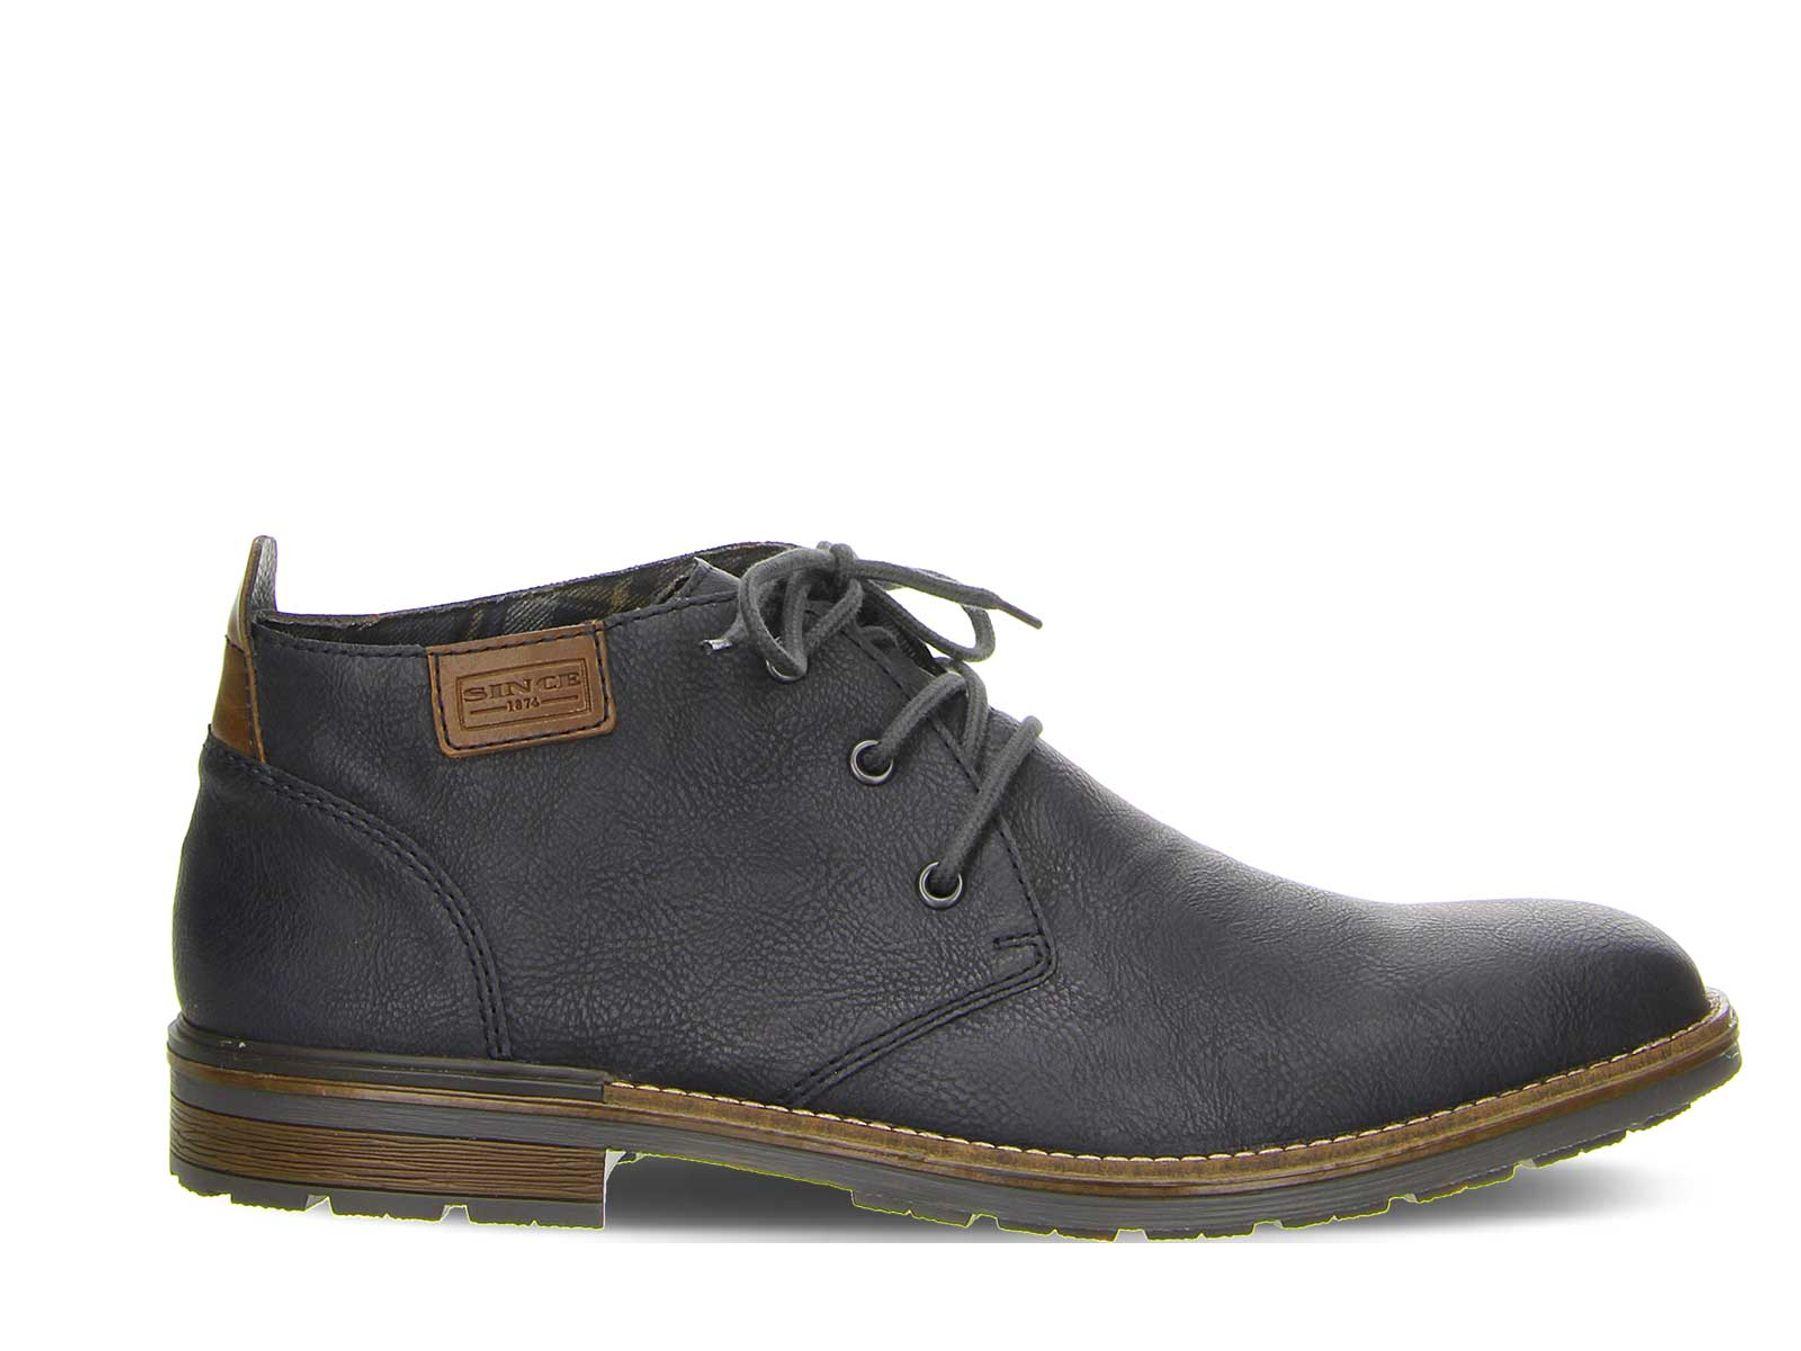 Rieker - Herren Schnür Schuh in Blau oder Braun (B1340) – Bild 1